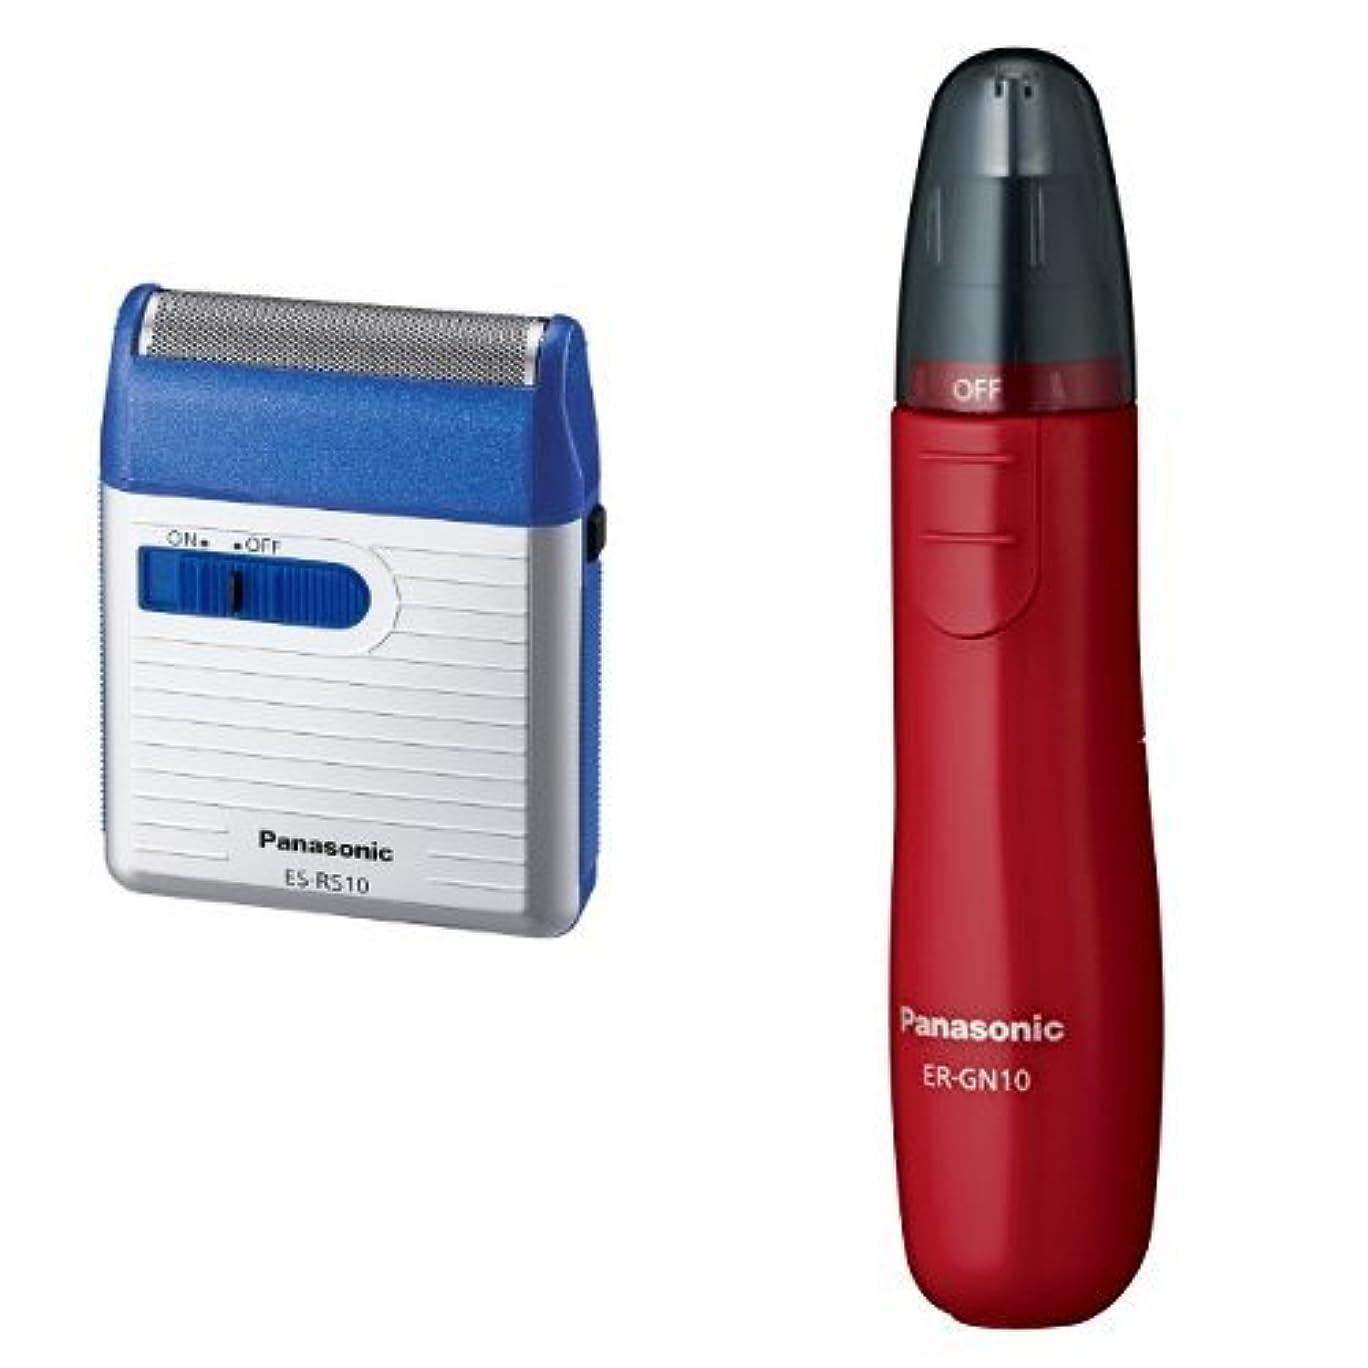 否定するグラフジュニアパナソニック メンズシェーバー 1枚刃 青 ES-RS10-A + エチケットカッター 赤 ER-GN10-R セット